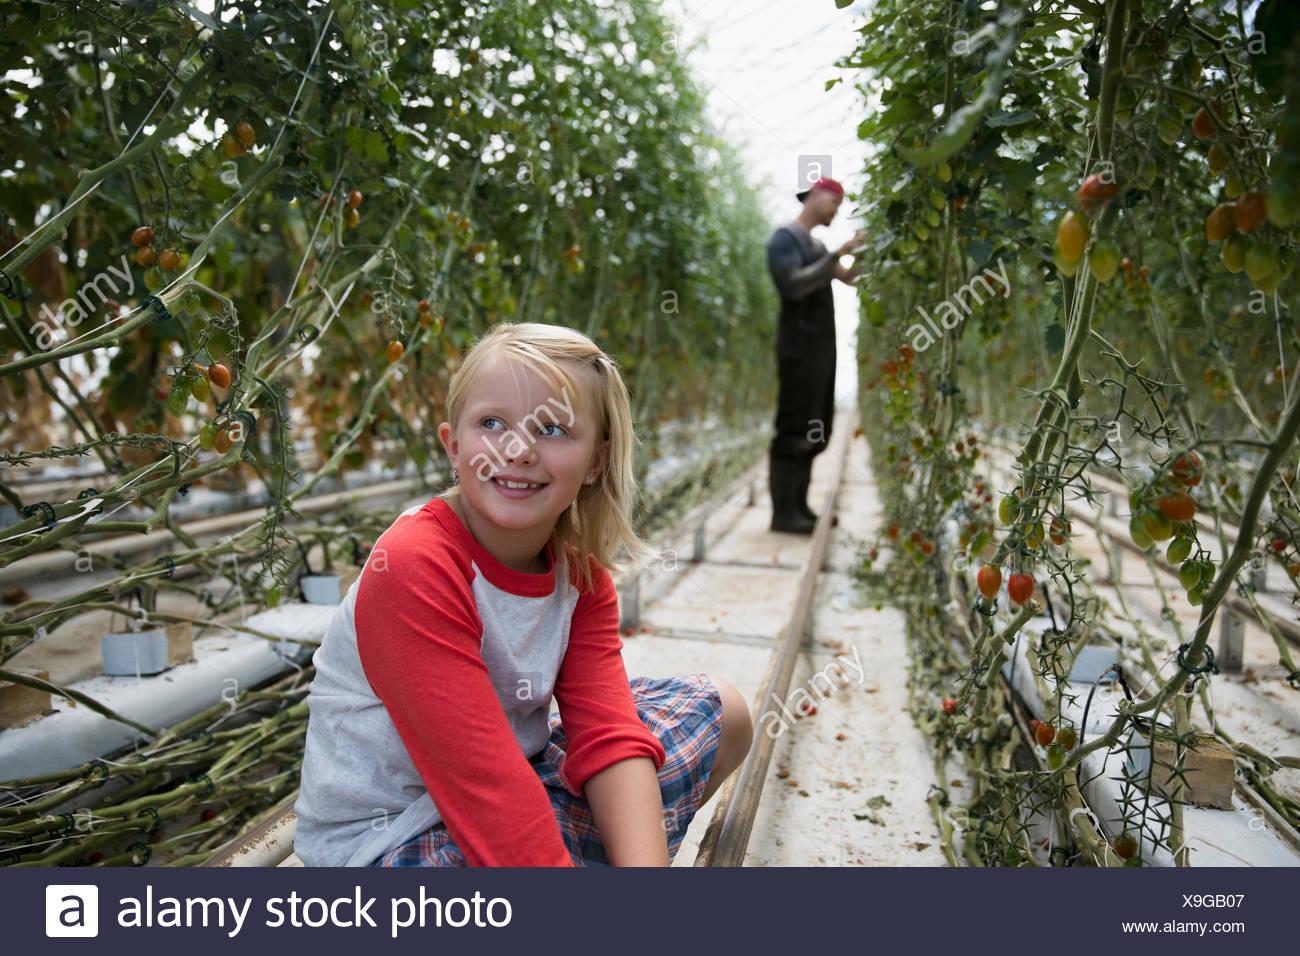 Lächelnde Mädchen sitzen im Gewächshaus unter wachsende Tomatenpflanzen Stockbild